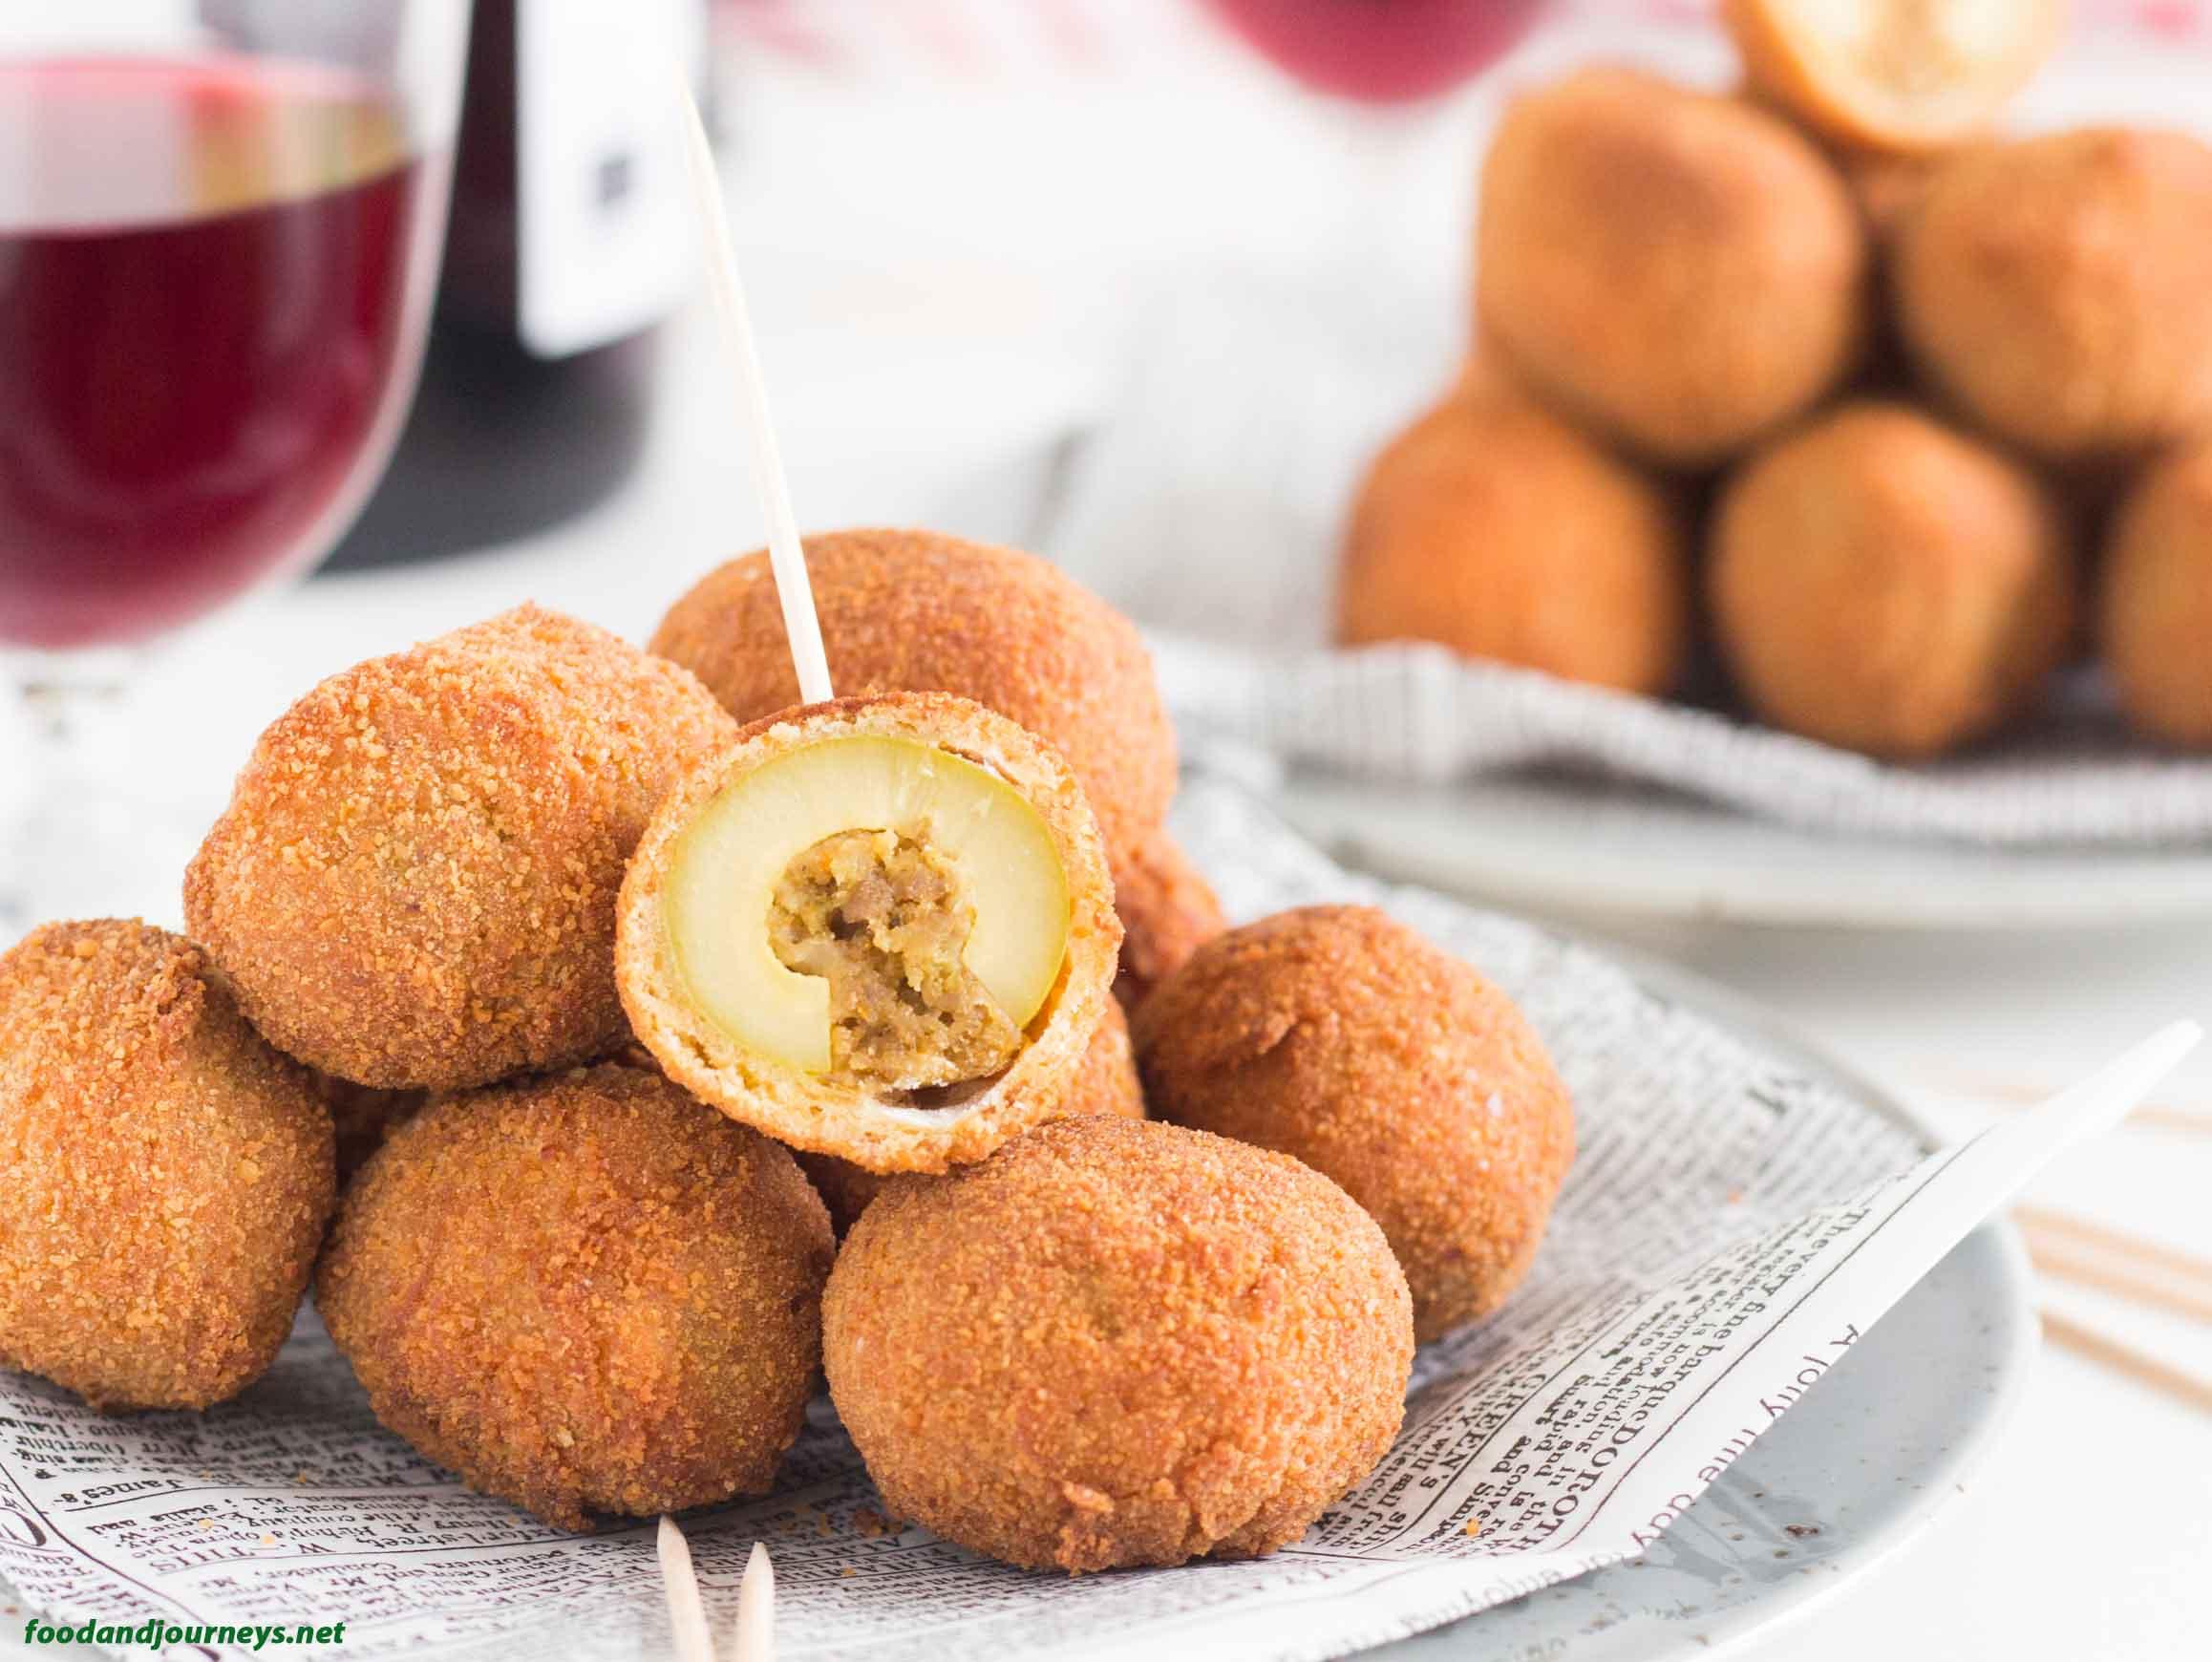 Fried Stuffed Olives MPICLST|foodandjourneys.net